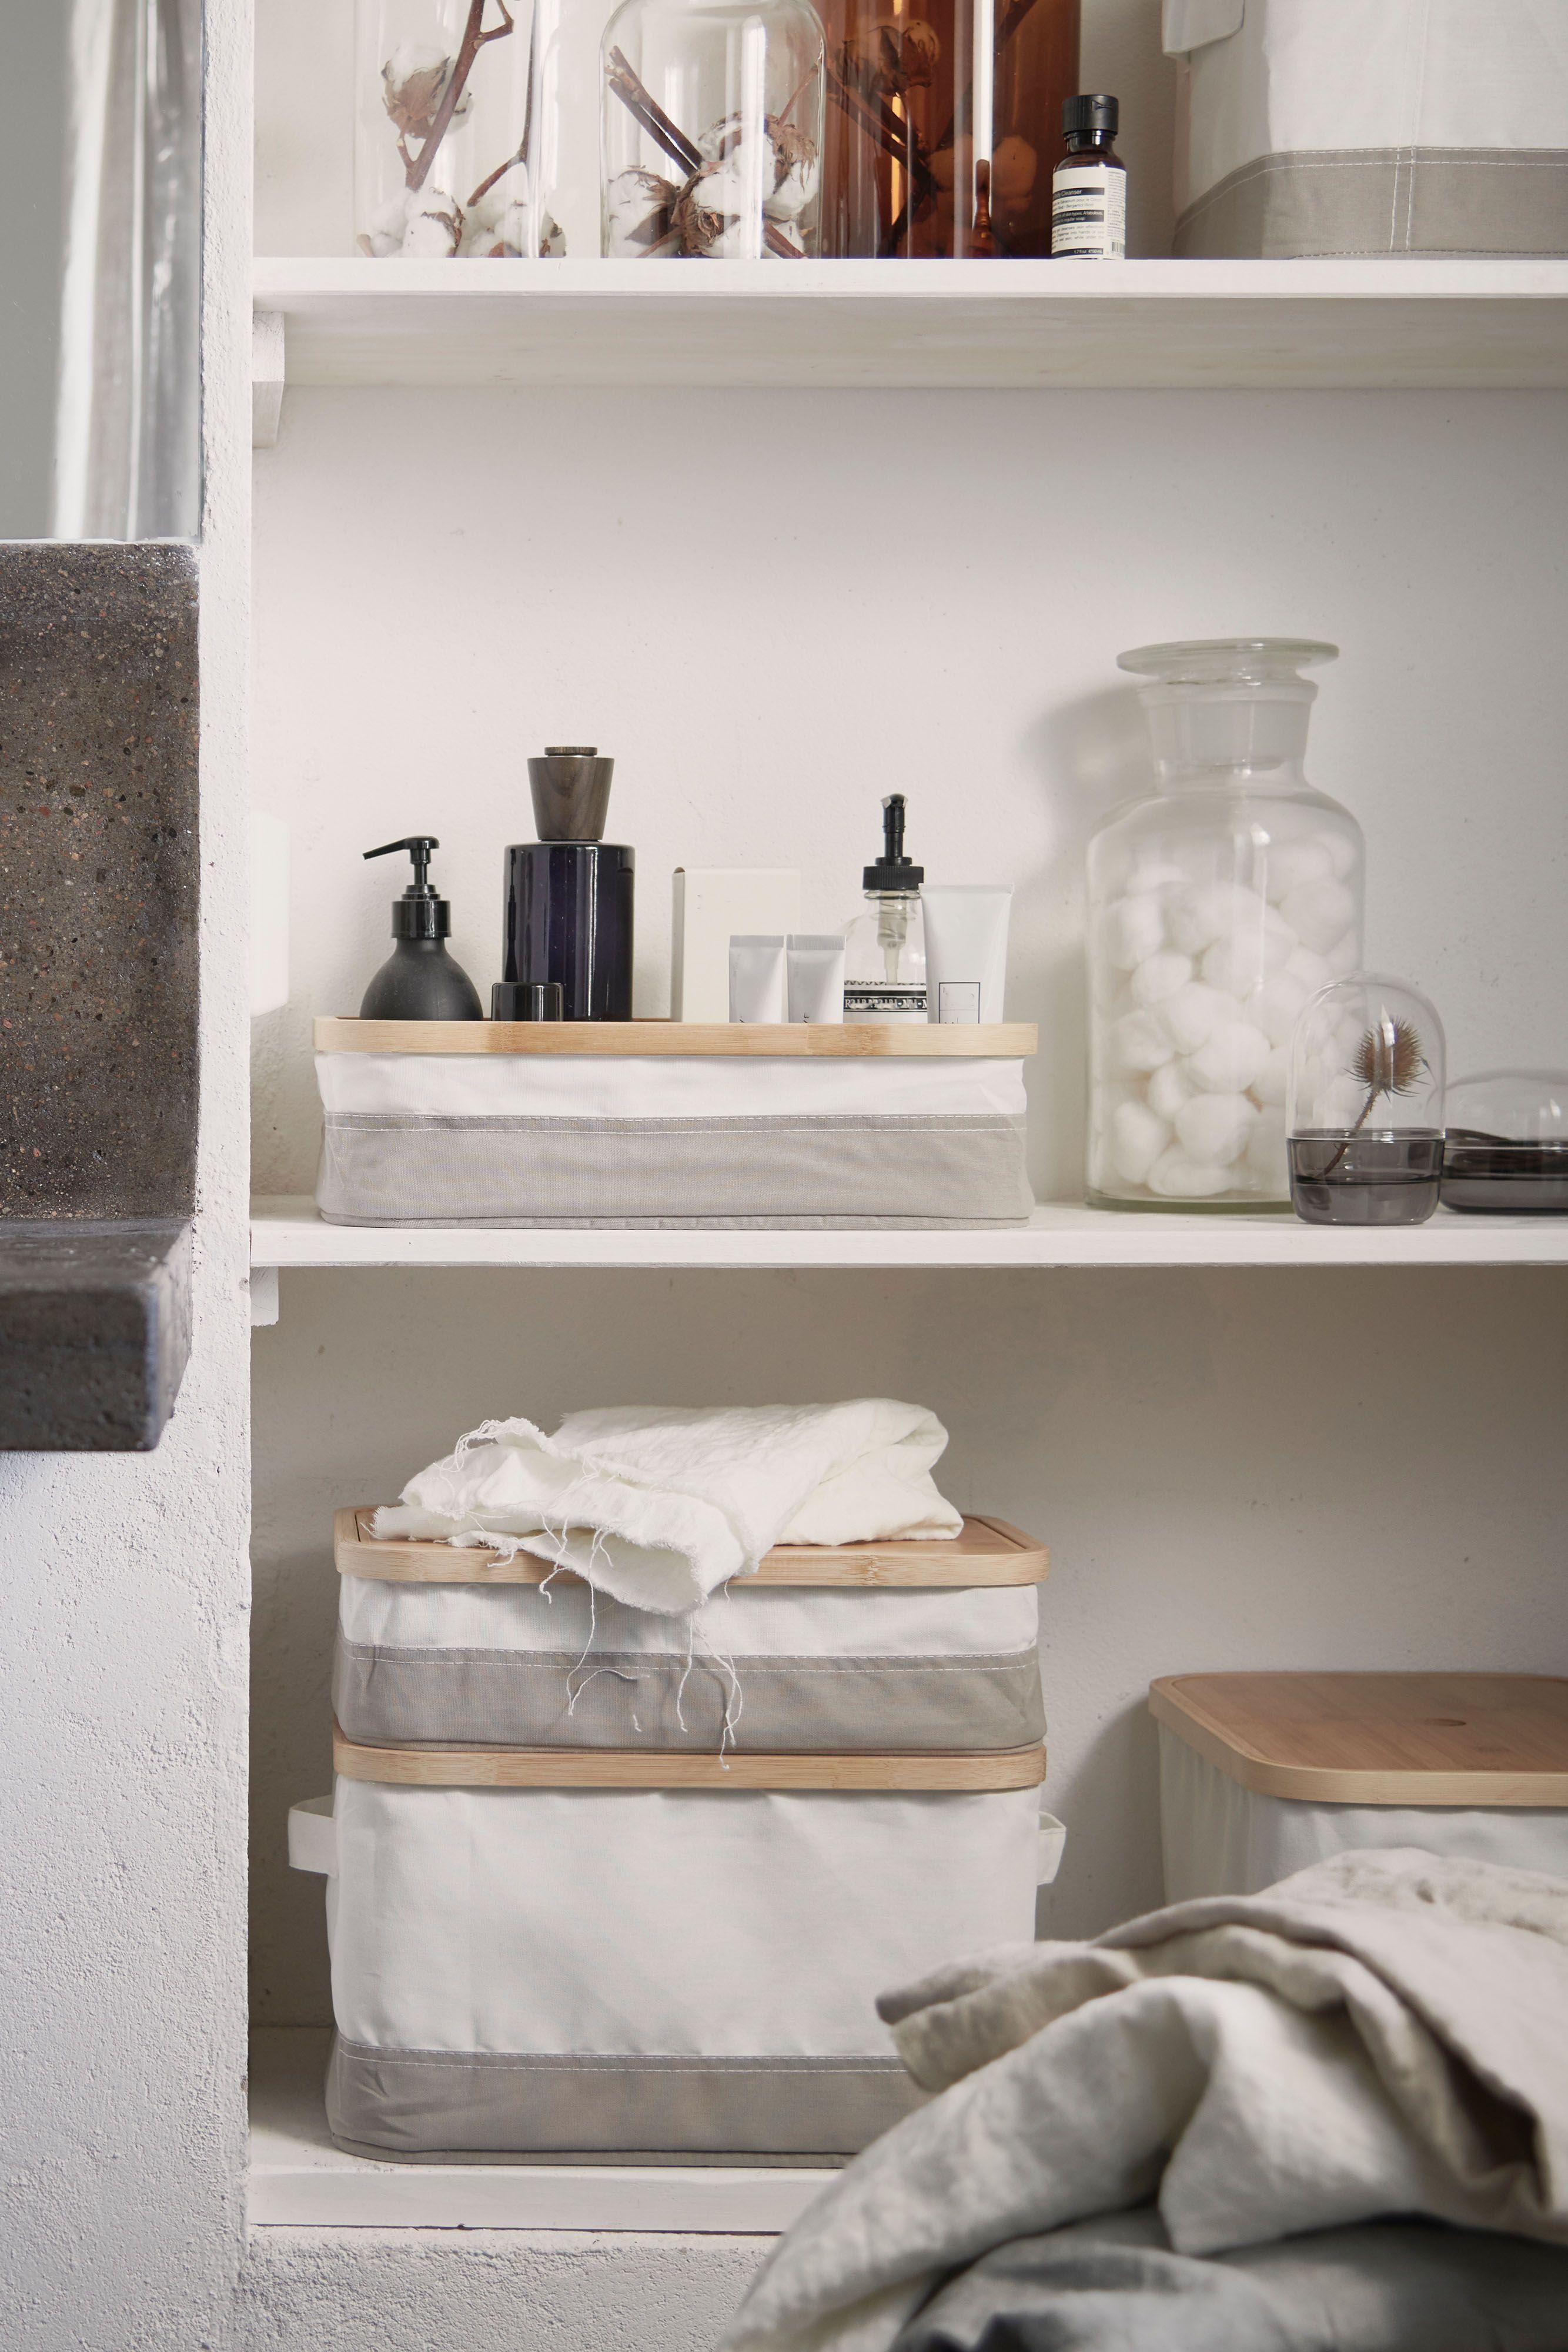 14 Ikea Kasten Badezimmer Badezimmer Ideen Eintagamsee Decor Ikea Home Decor